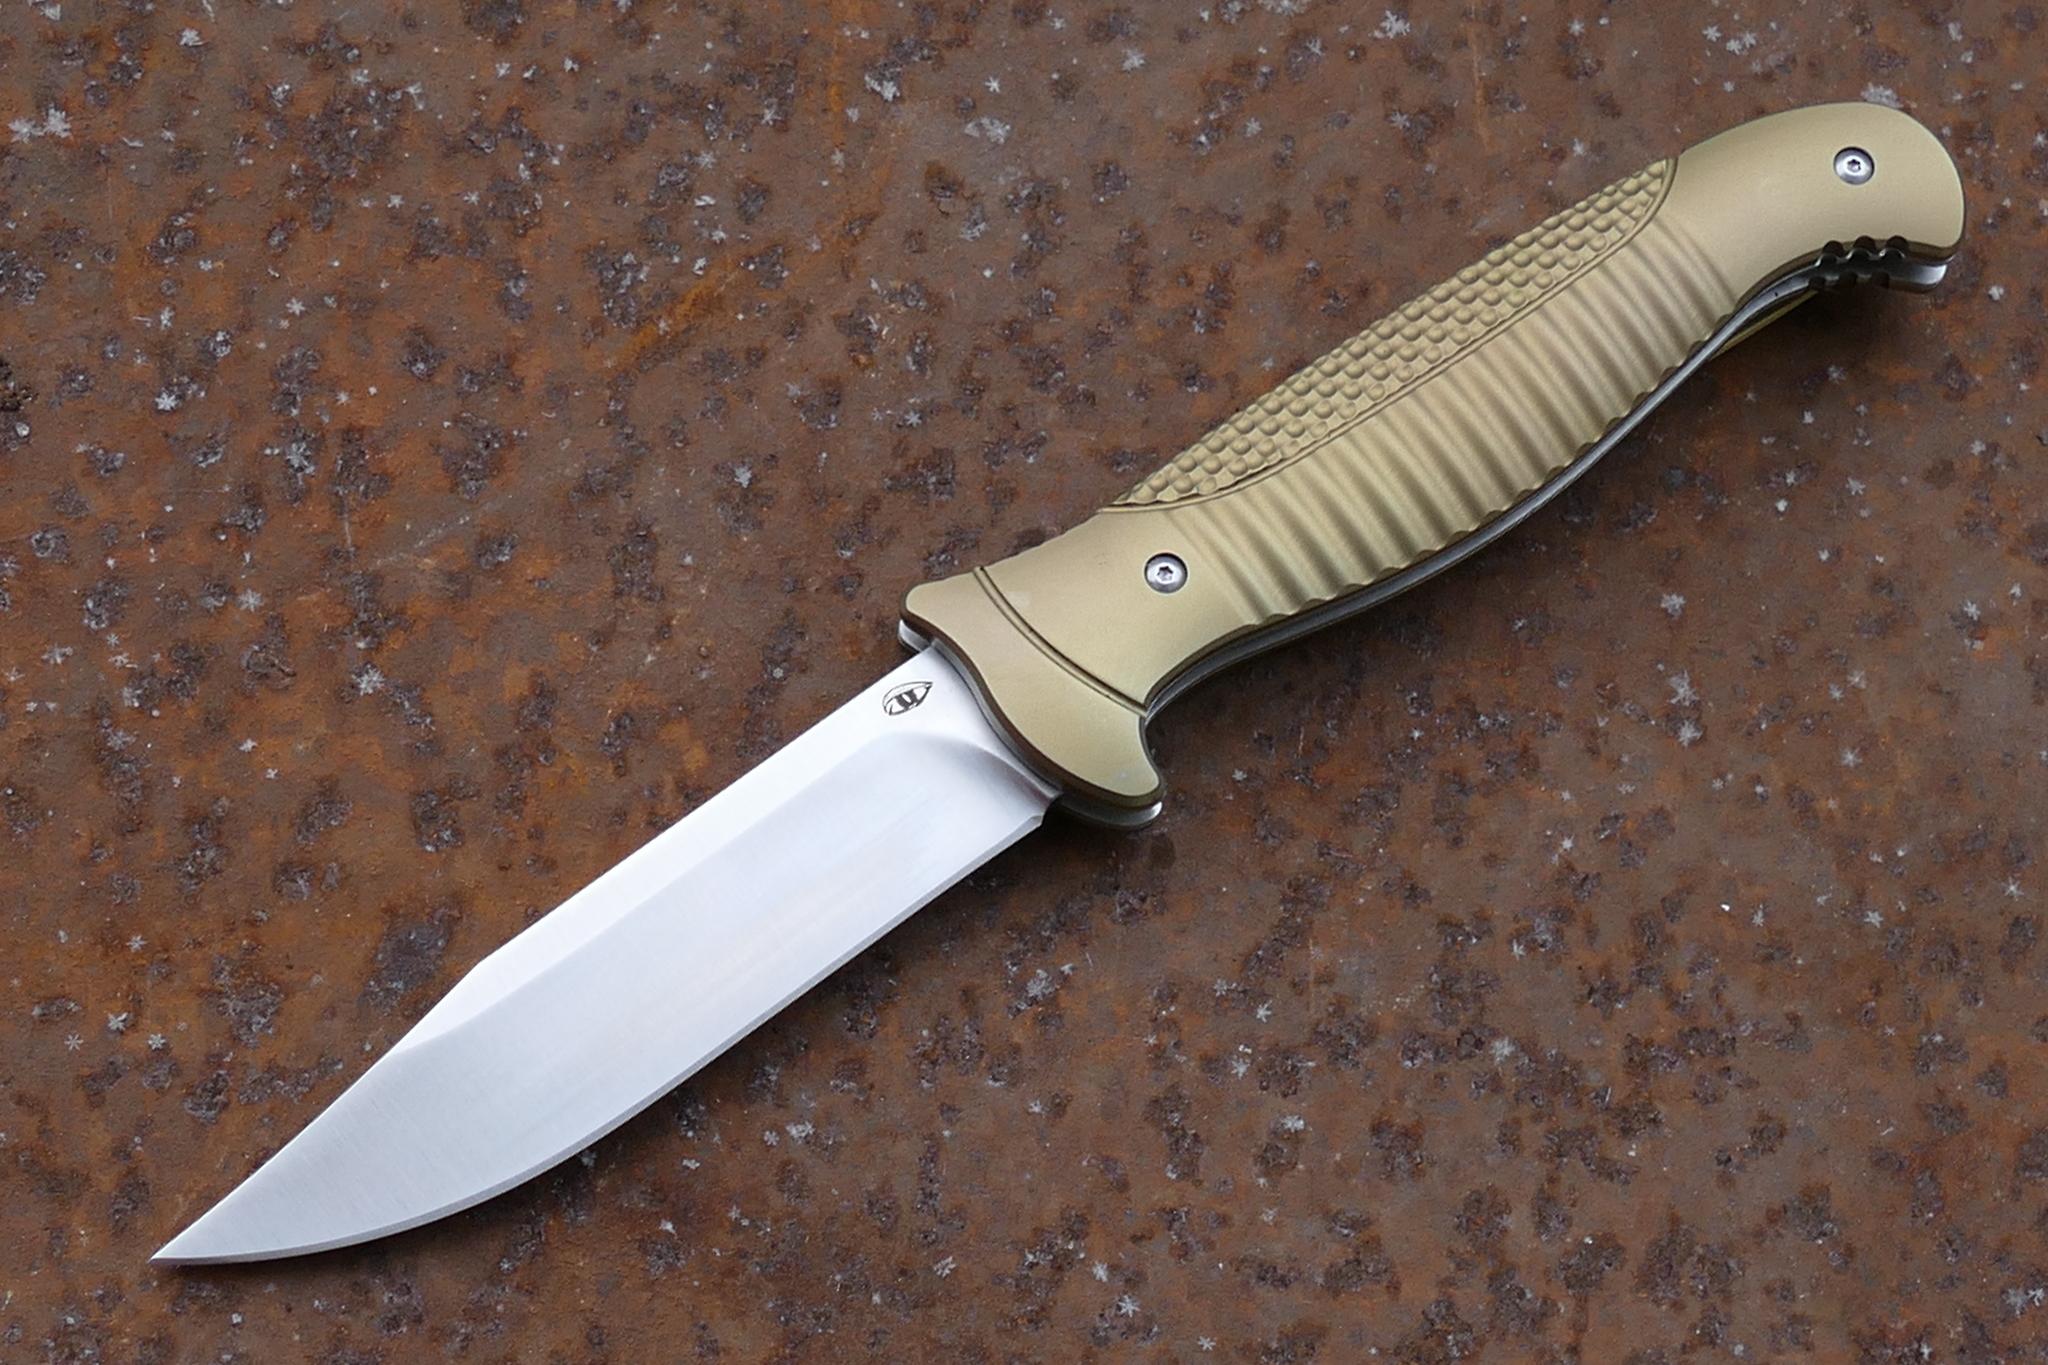 Фото 17 - Складной нож Финка-2, S35VN от Reptilian